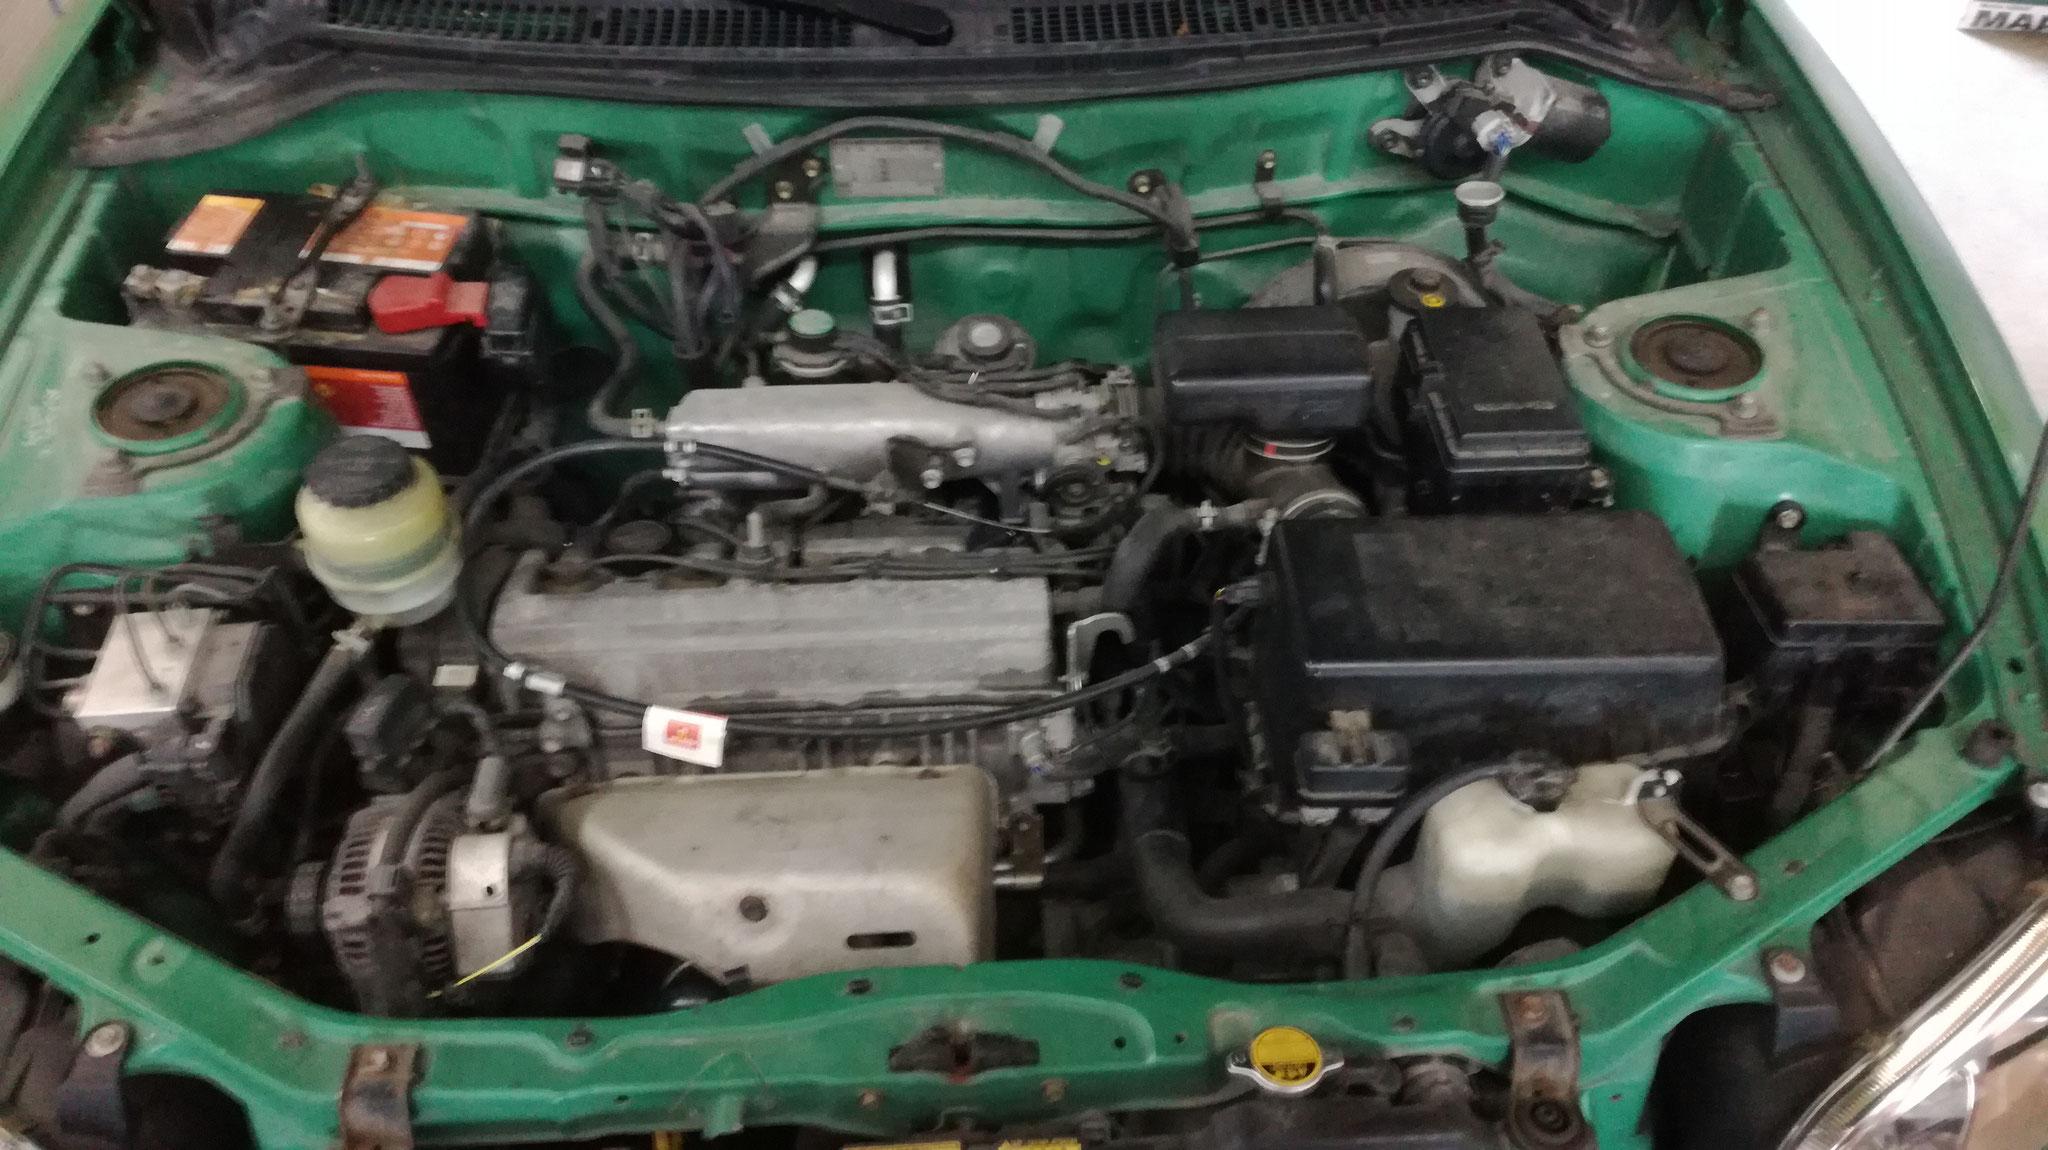 RAV4 2.0 129 cv - E85